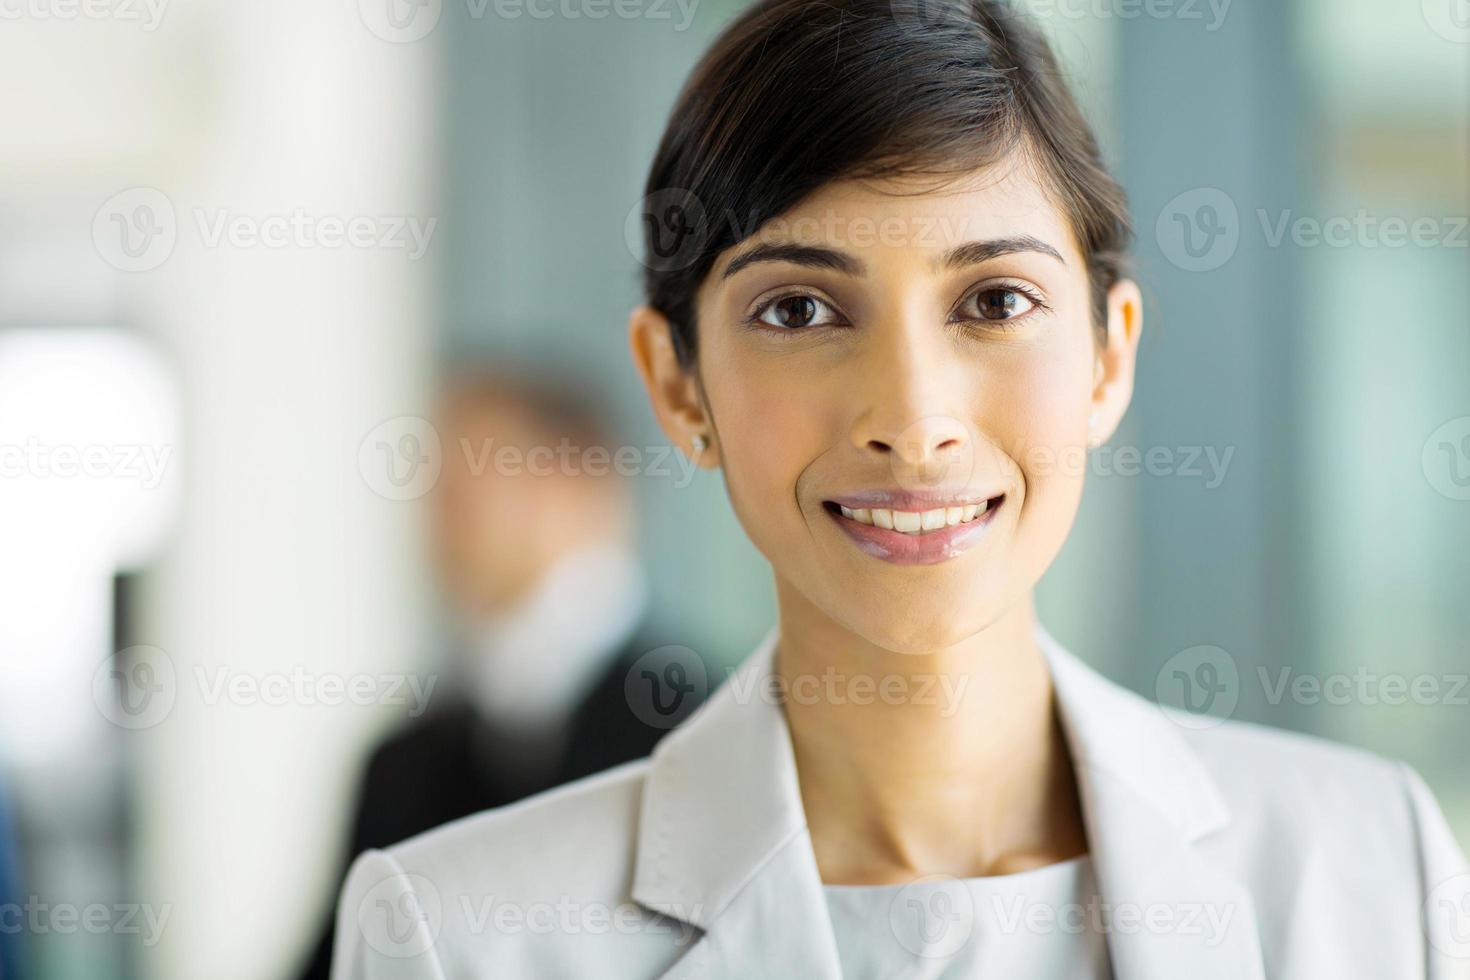 jovem trabalhador corporativo indiano foto